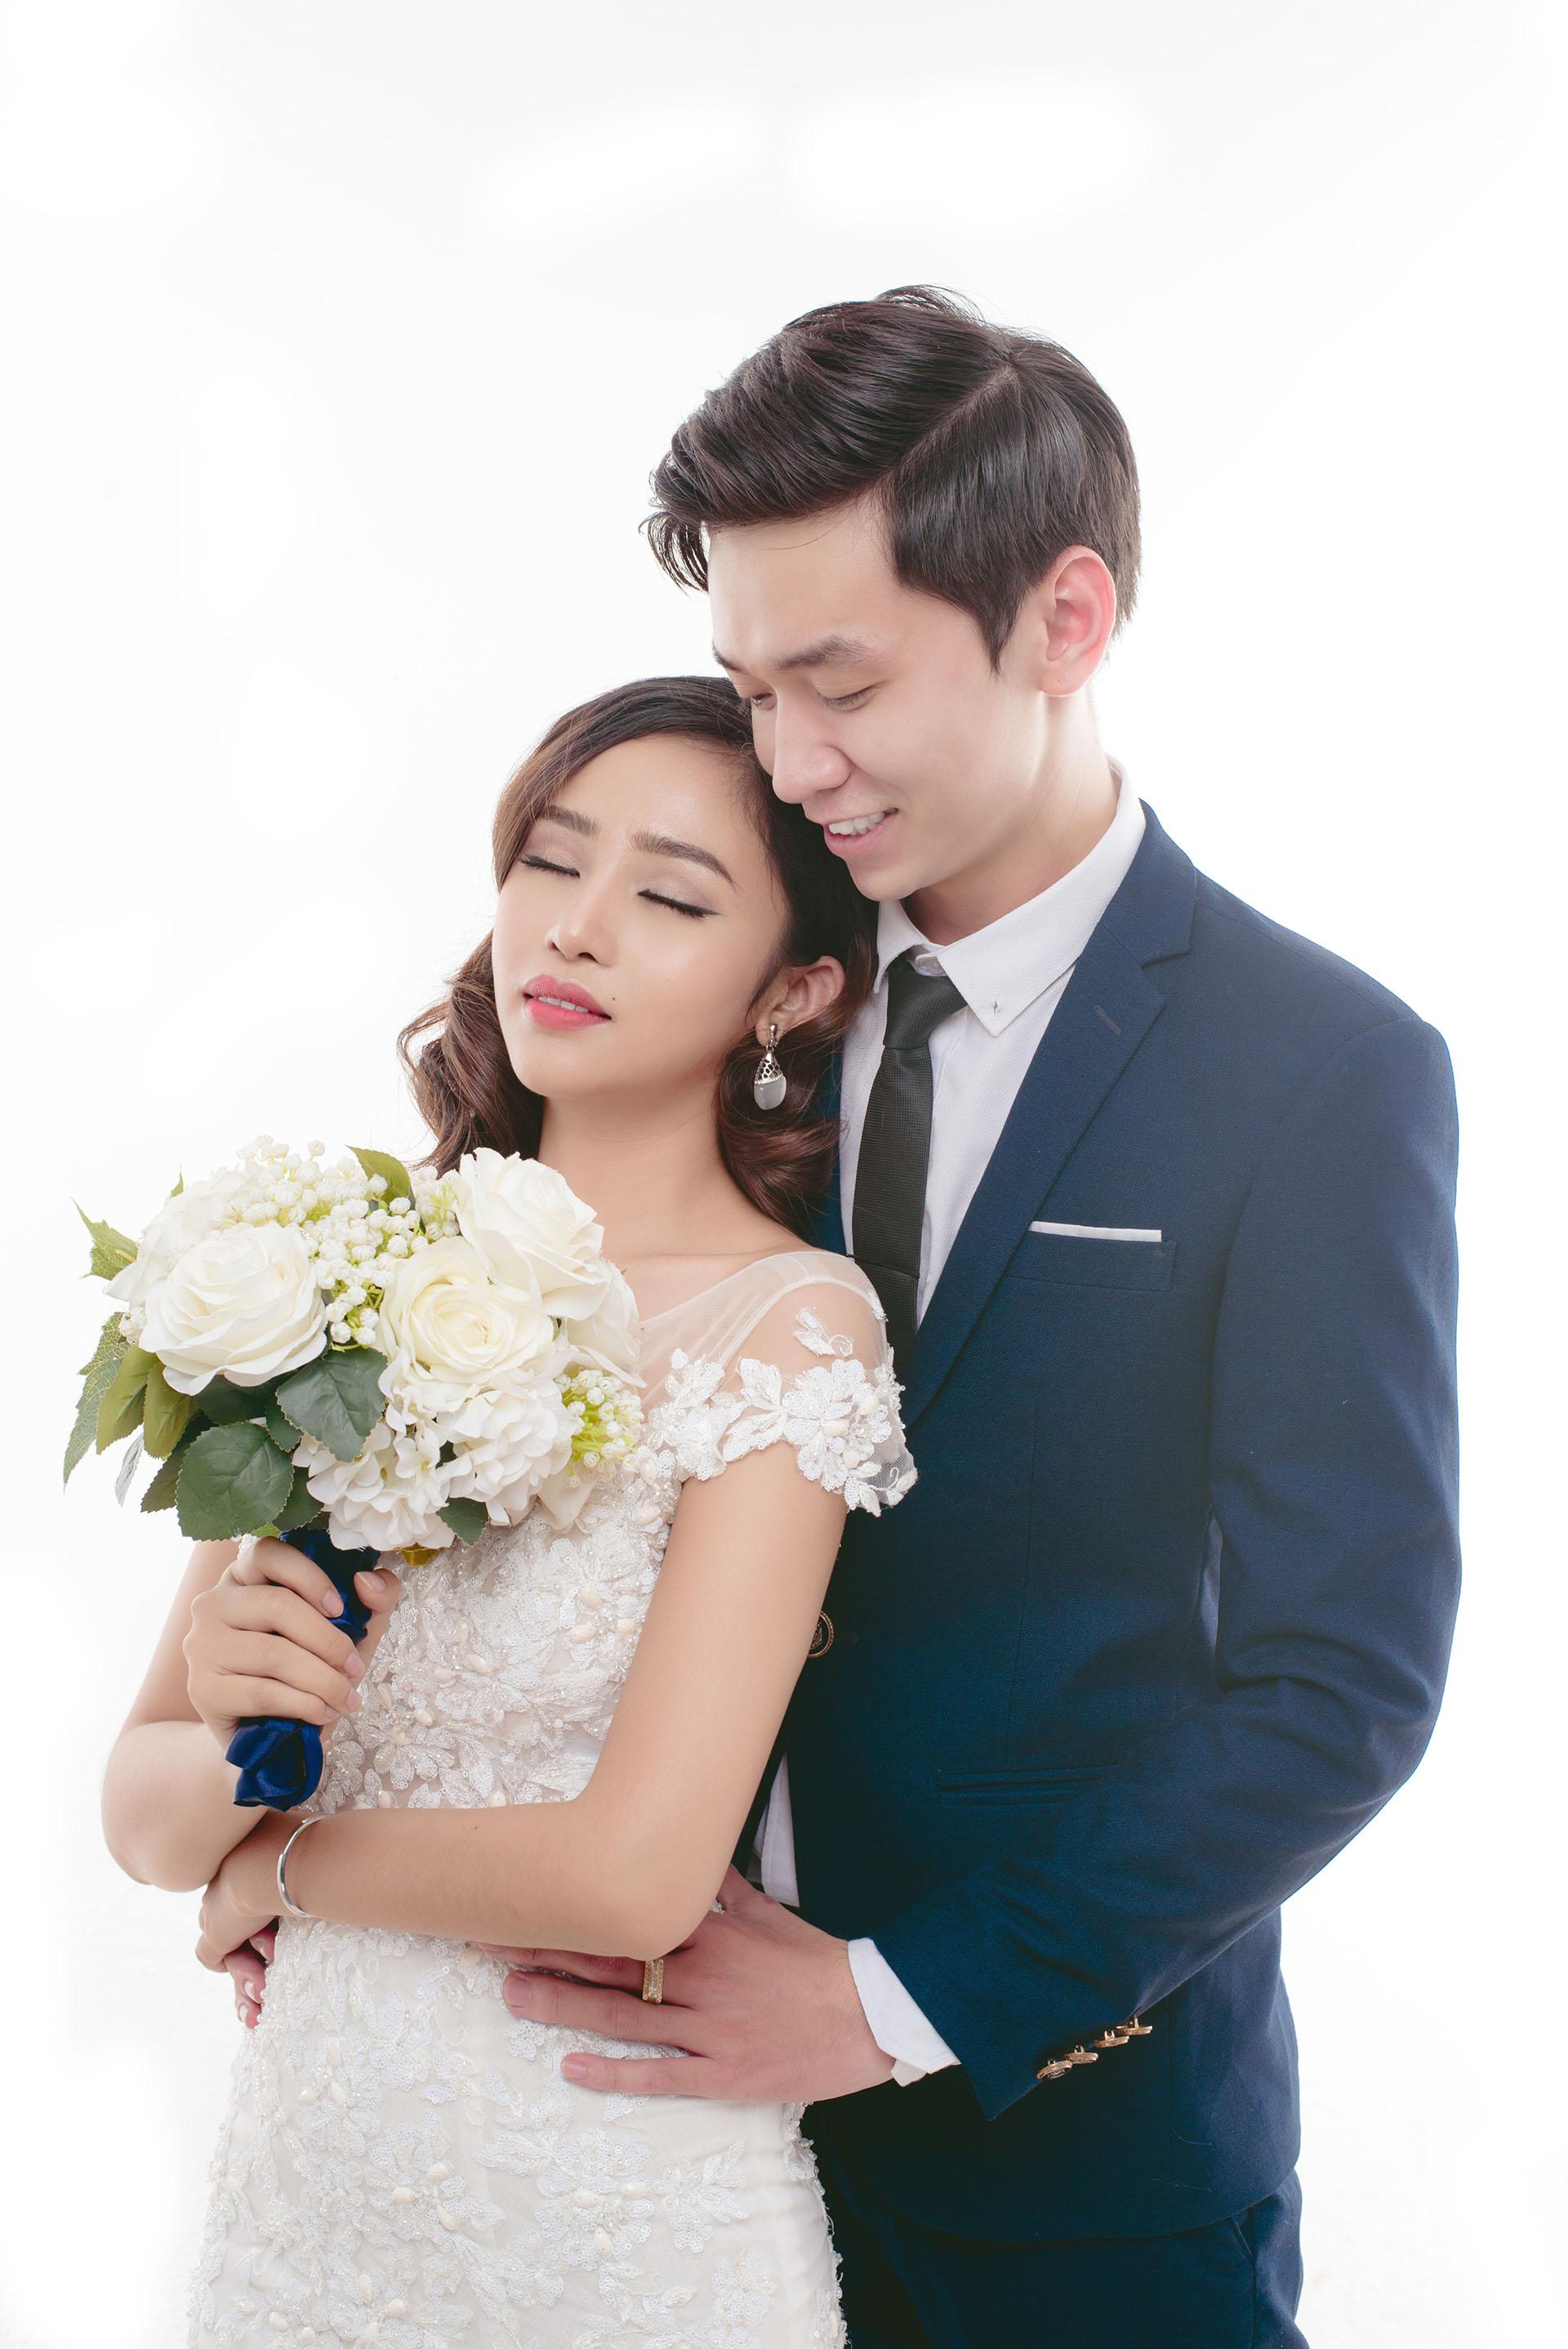 Chụp hình cưới bao nhiêu tiền hợp lý